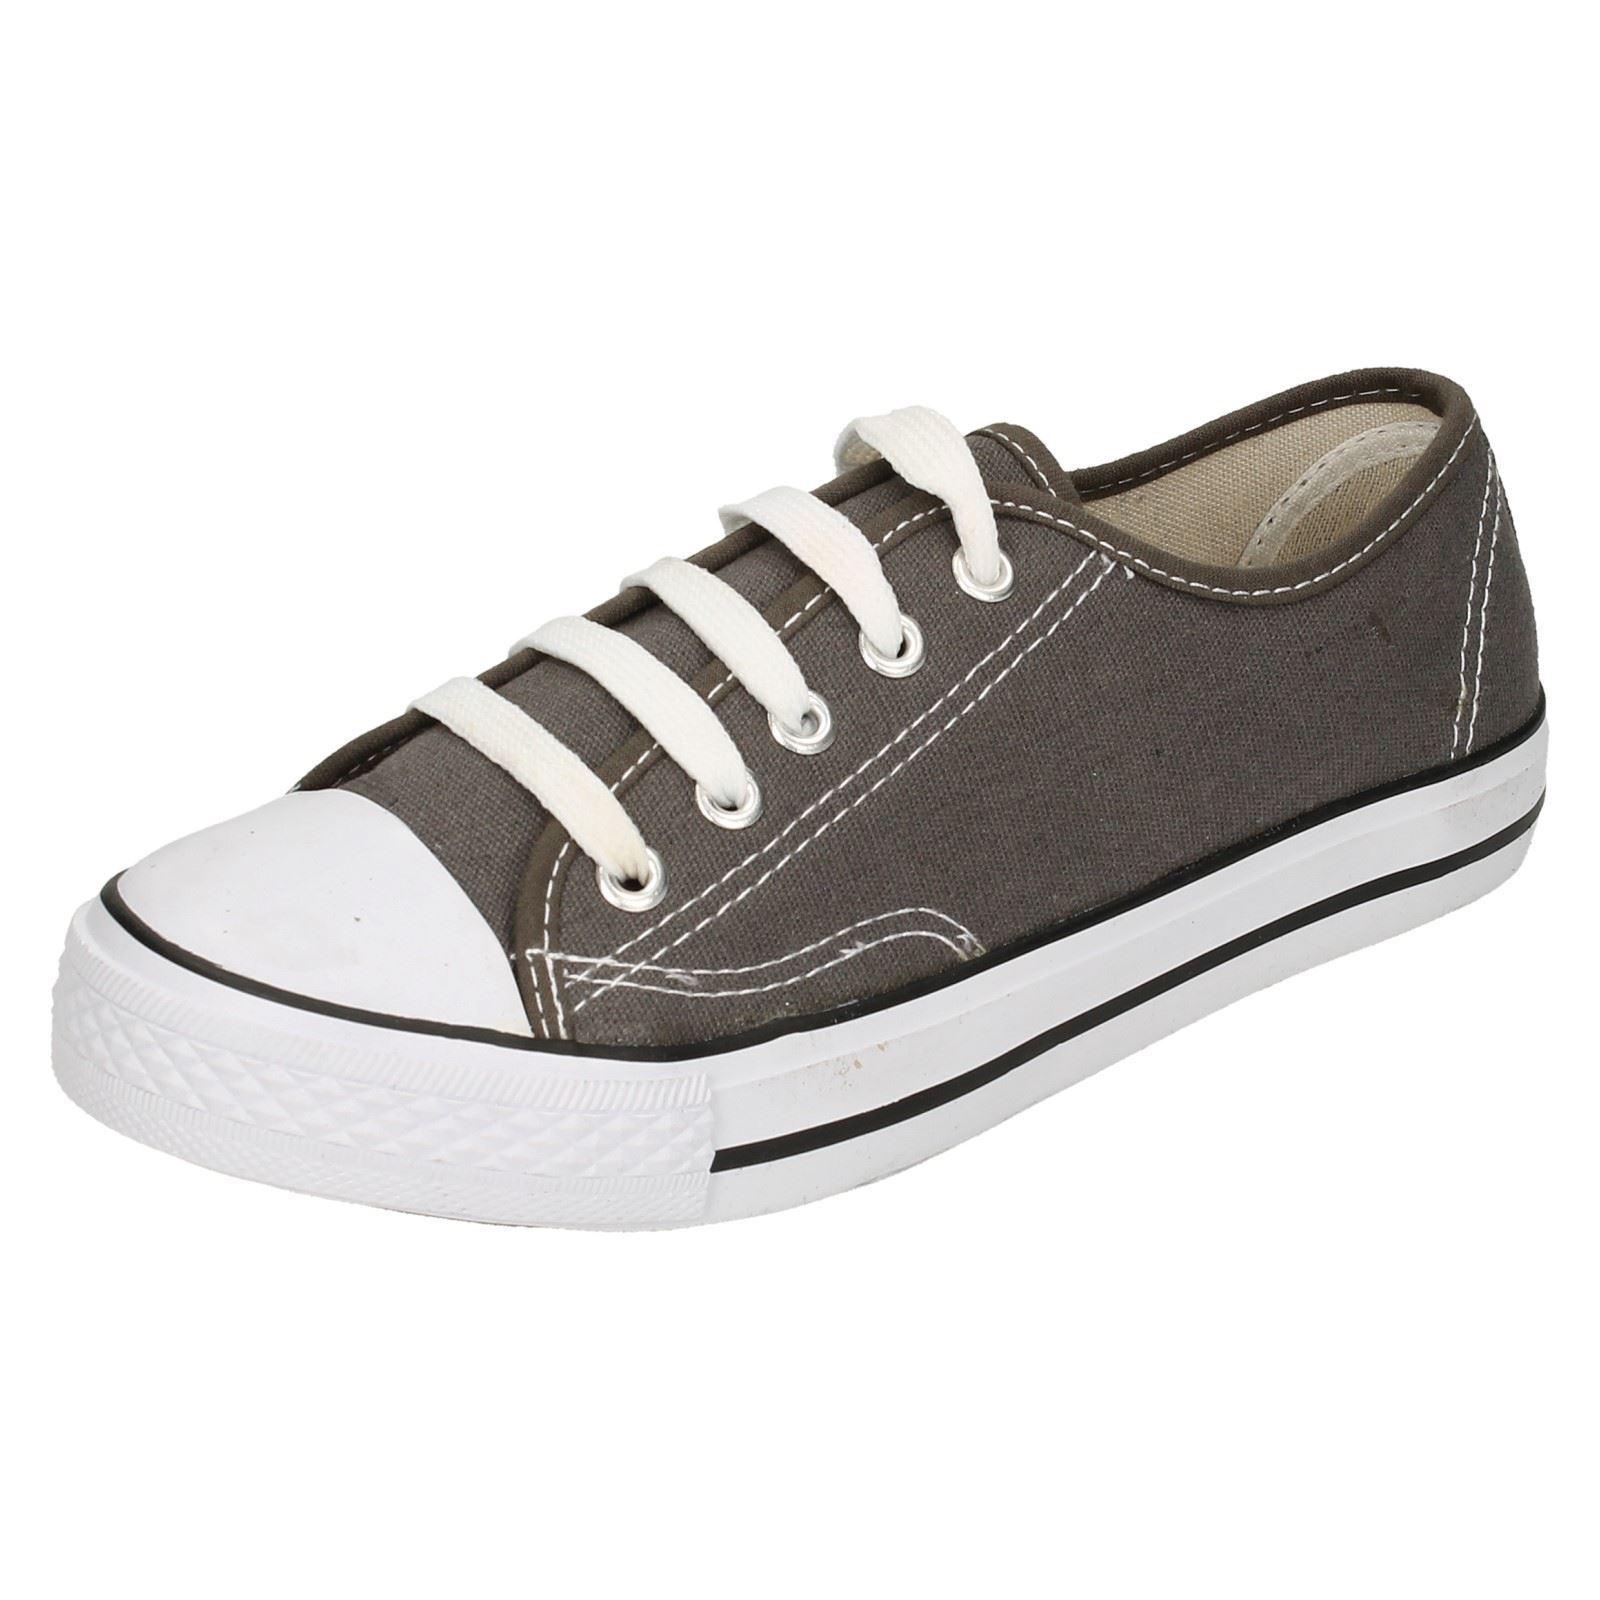 Hombre X0001 Zapato Gris Lona con Cordones Zapato X0001 por Spot On 57514e